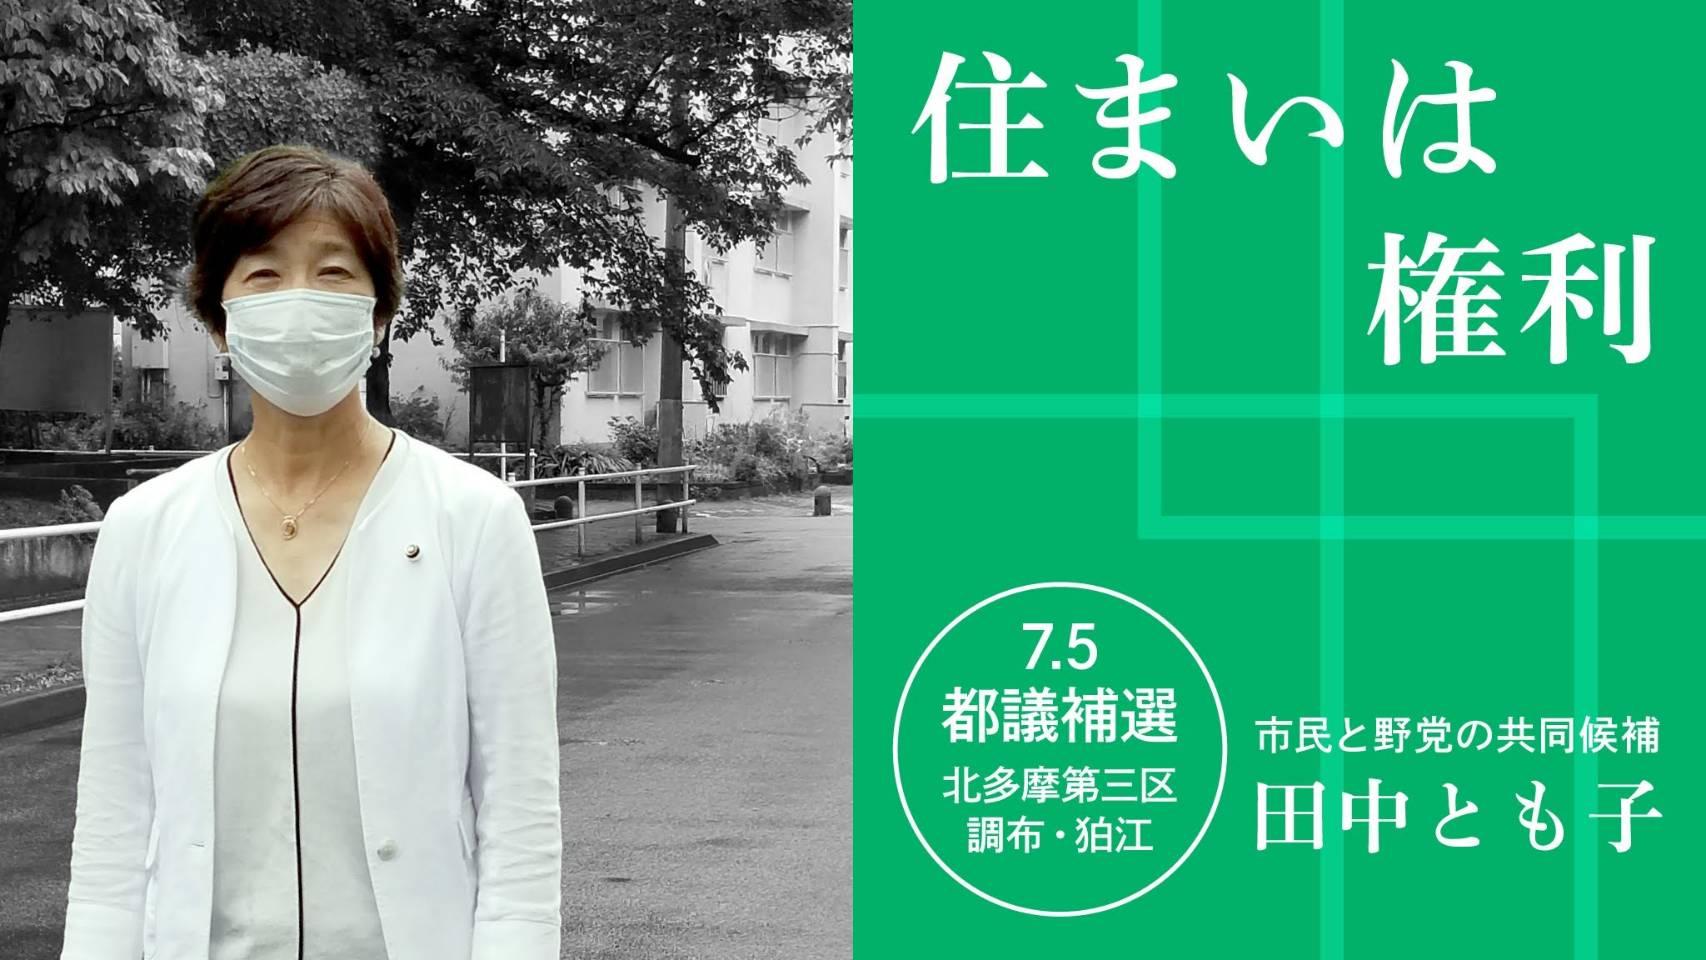 【田中とも子政策動画】「住まいは権利」 都営住宅の増設を!